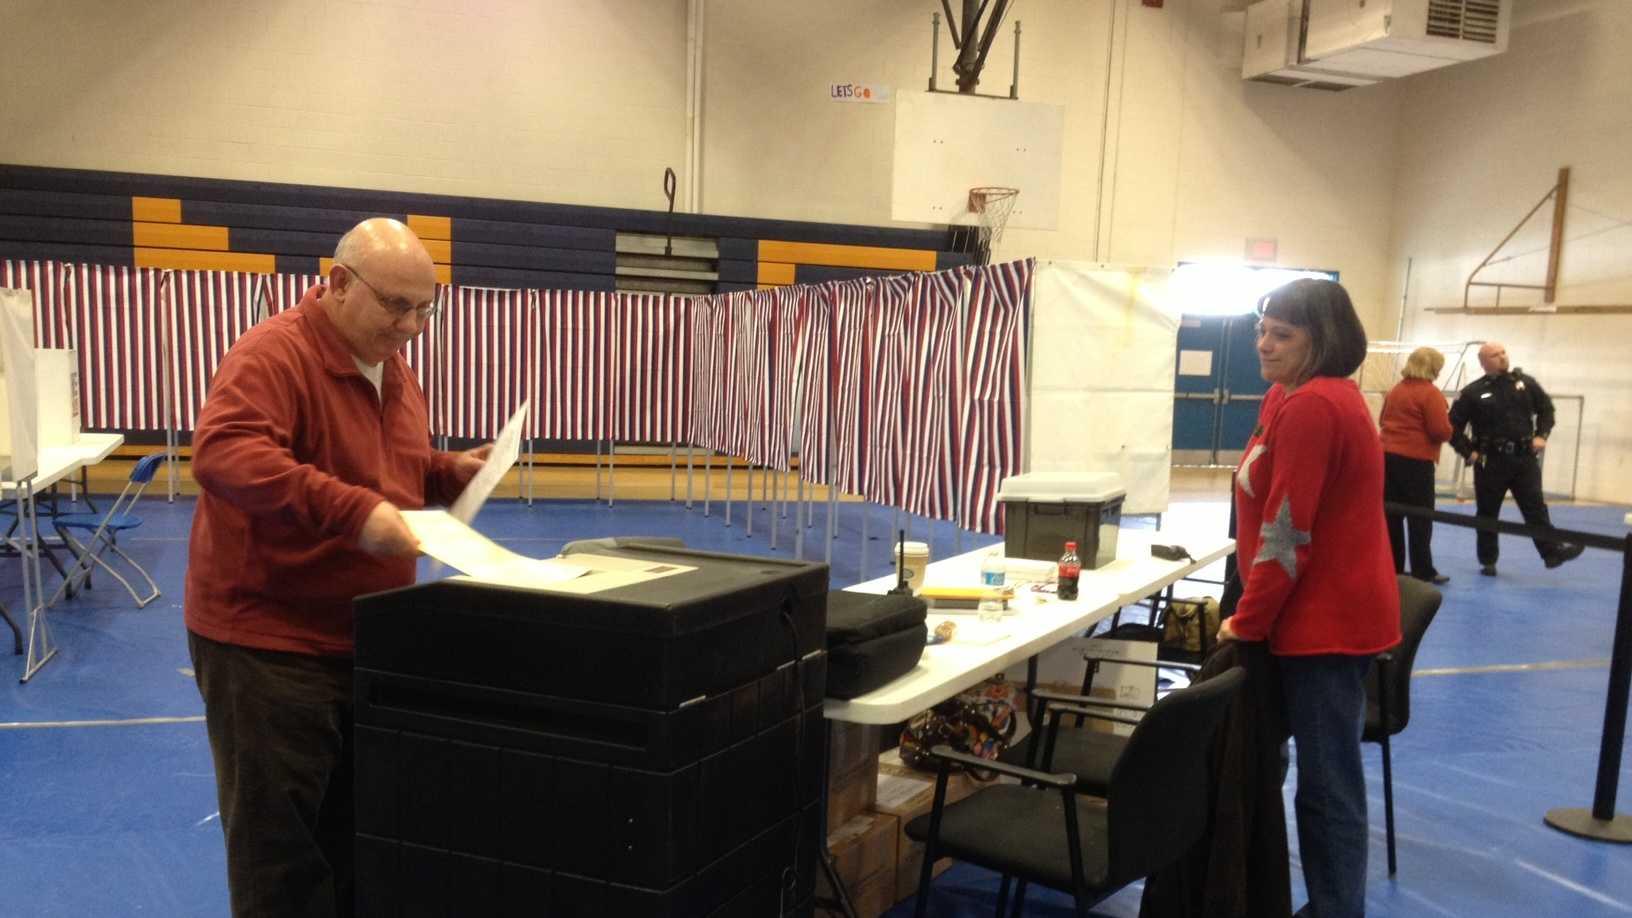 Hampstead voting